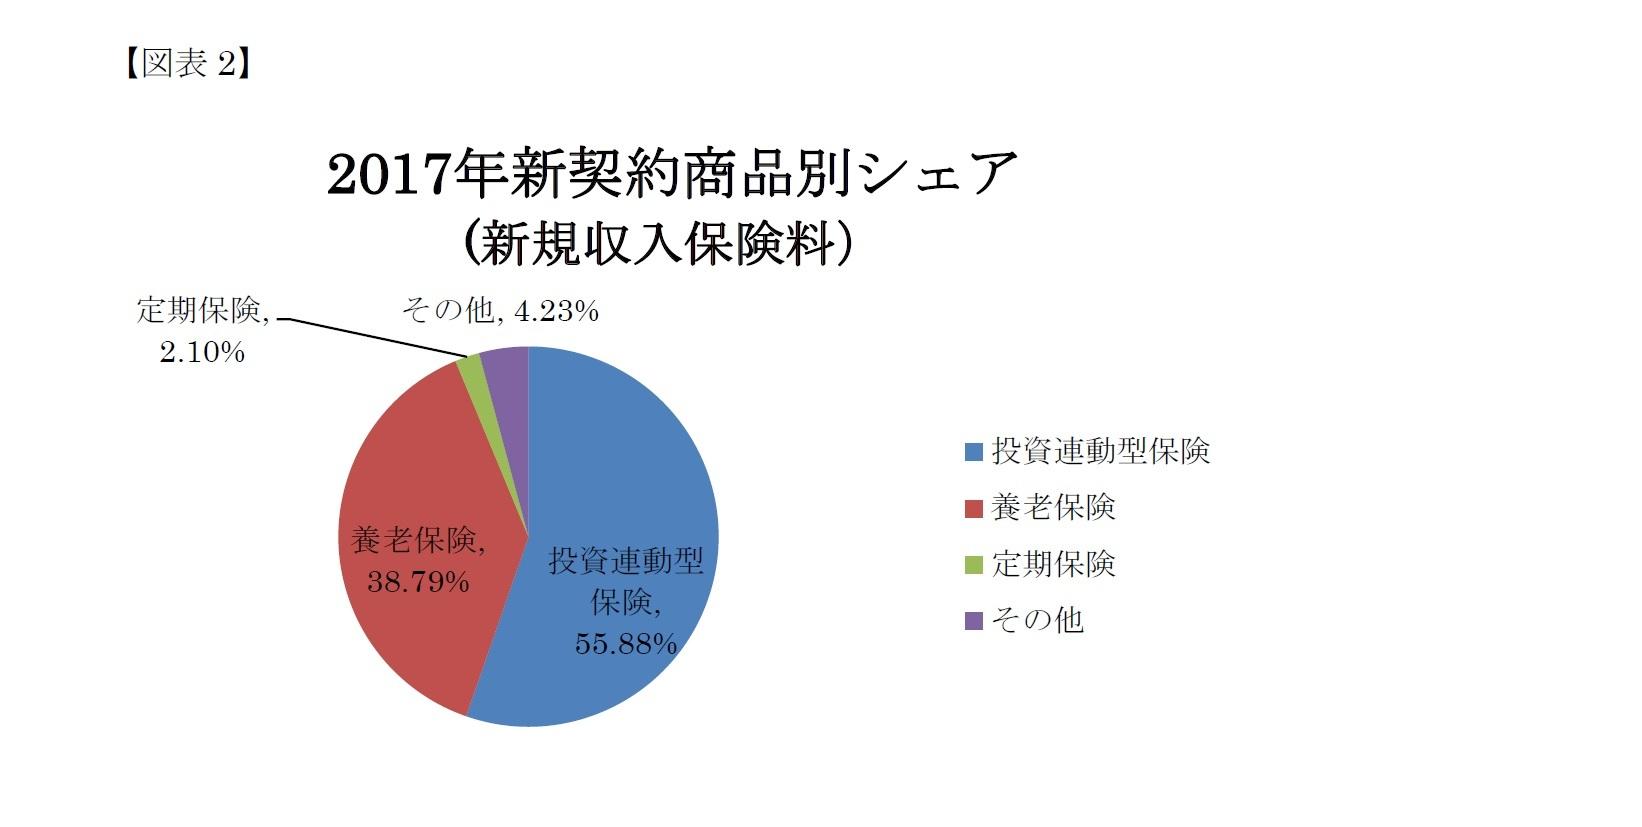 (図表2)2017年新契約商品別シェア(新規収入保険料)